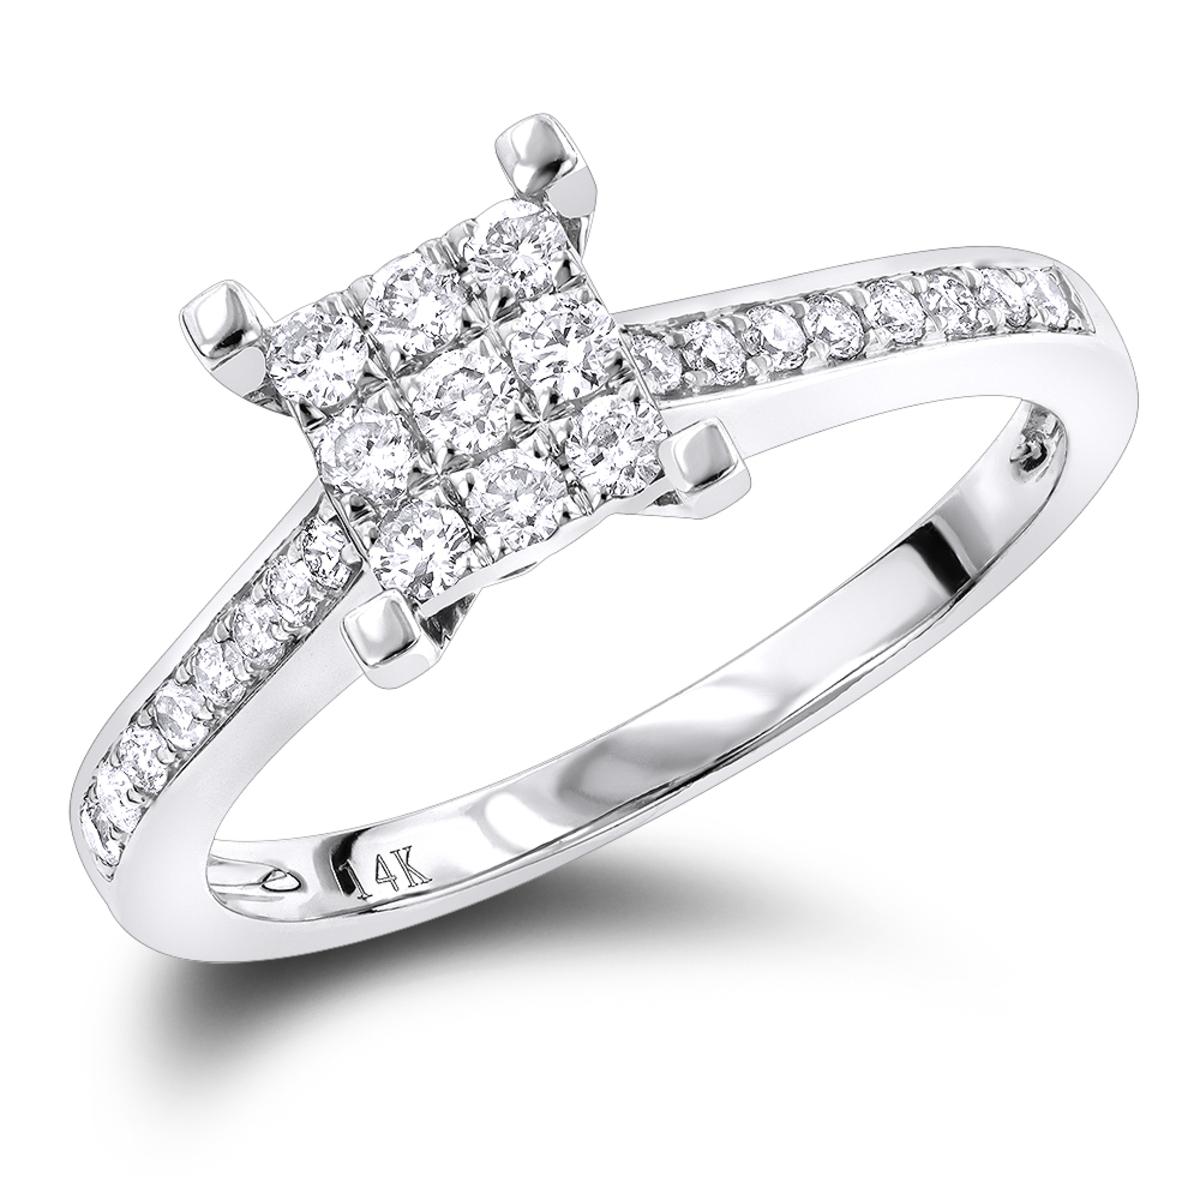 Round Diamond Engagement Ring 0.4 ct 14K Gold